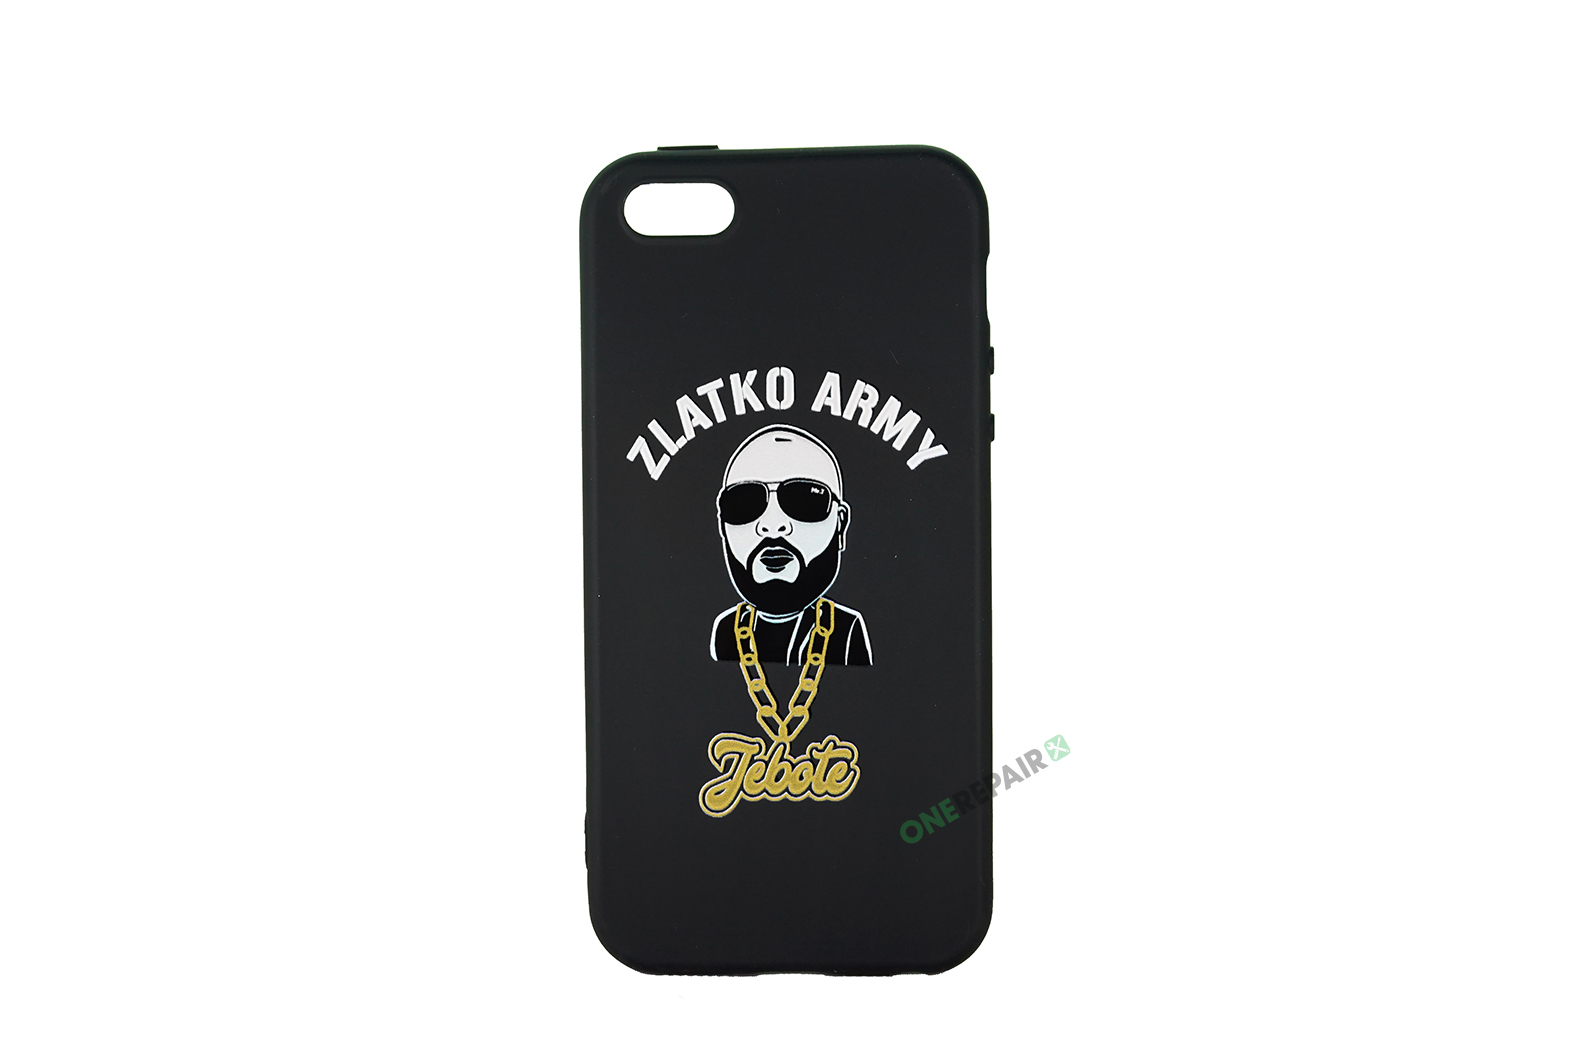 353779-001_iPhone_5_5S_SE_Zlatko_Army_Sort_OneRepair_00001